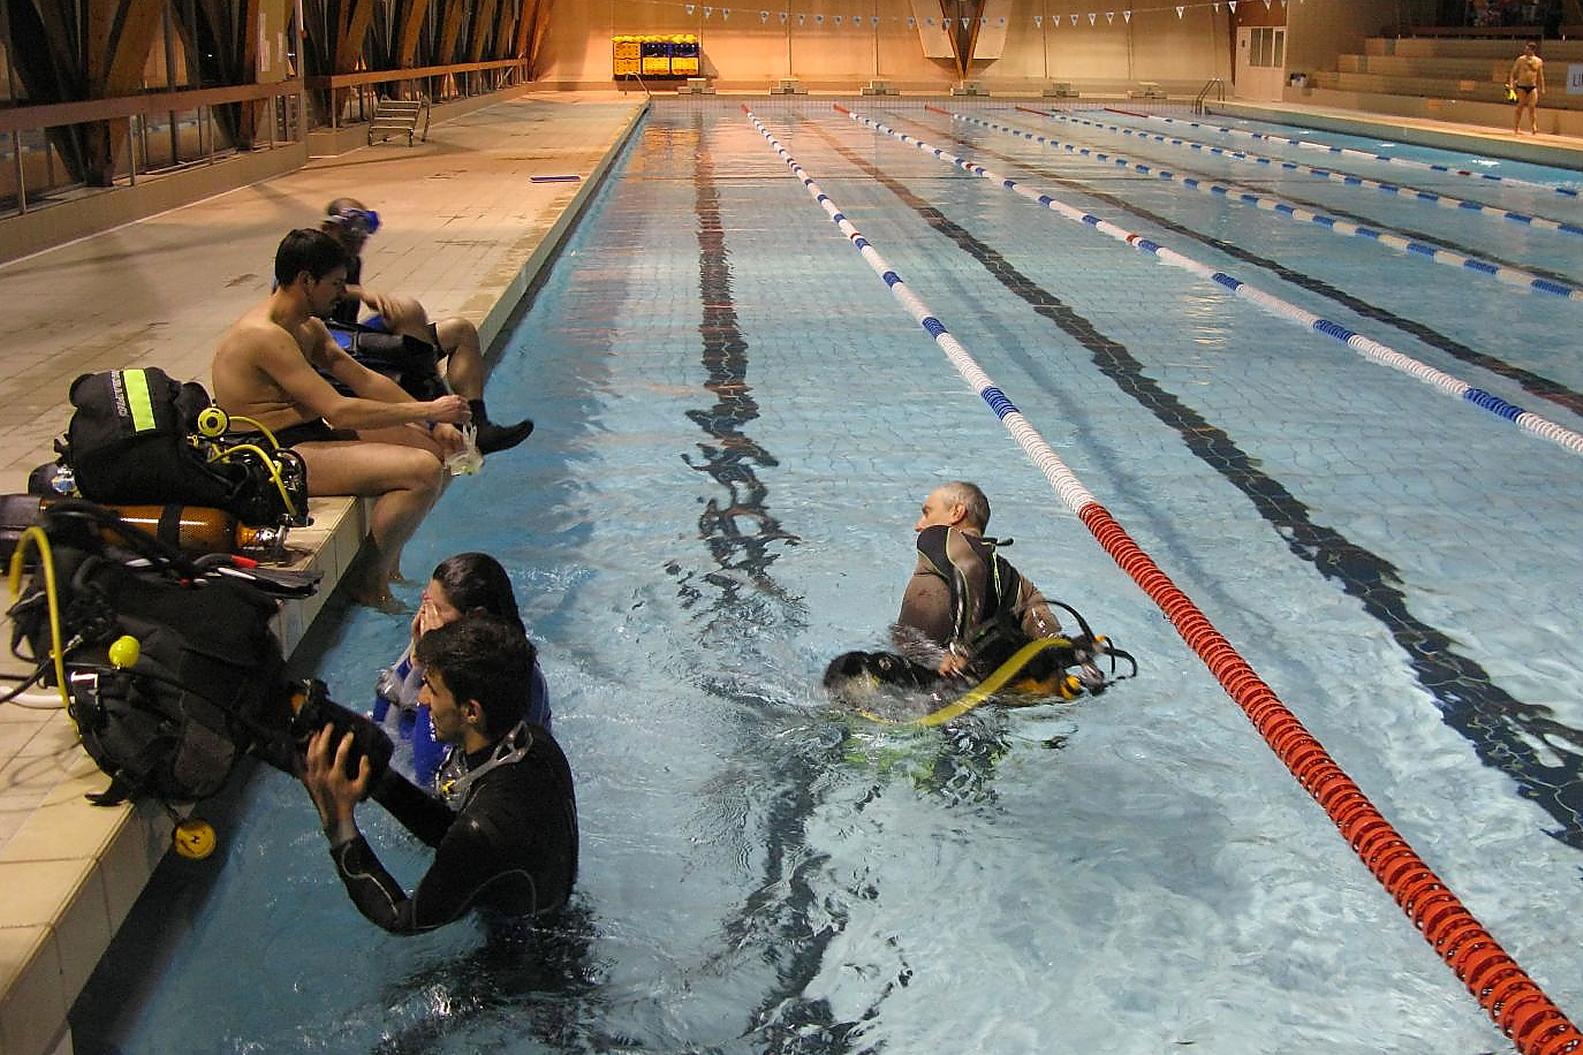 Plong e sous marine orl ans la source piscine et fosse for Club piscine orleans